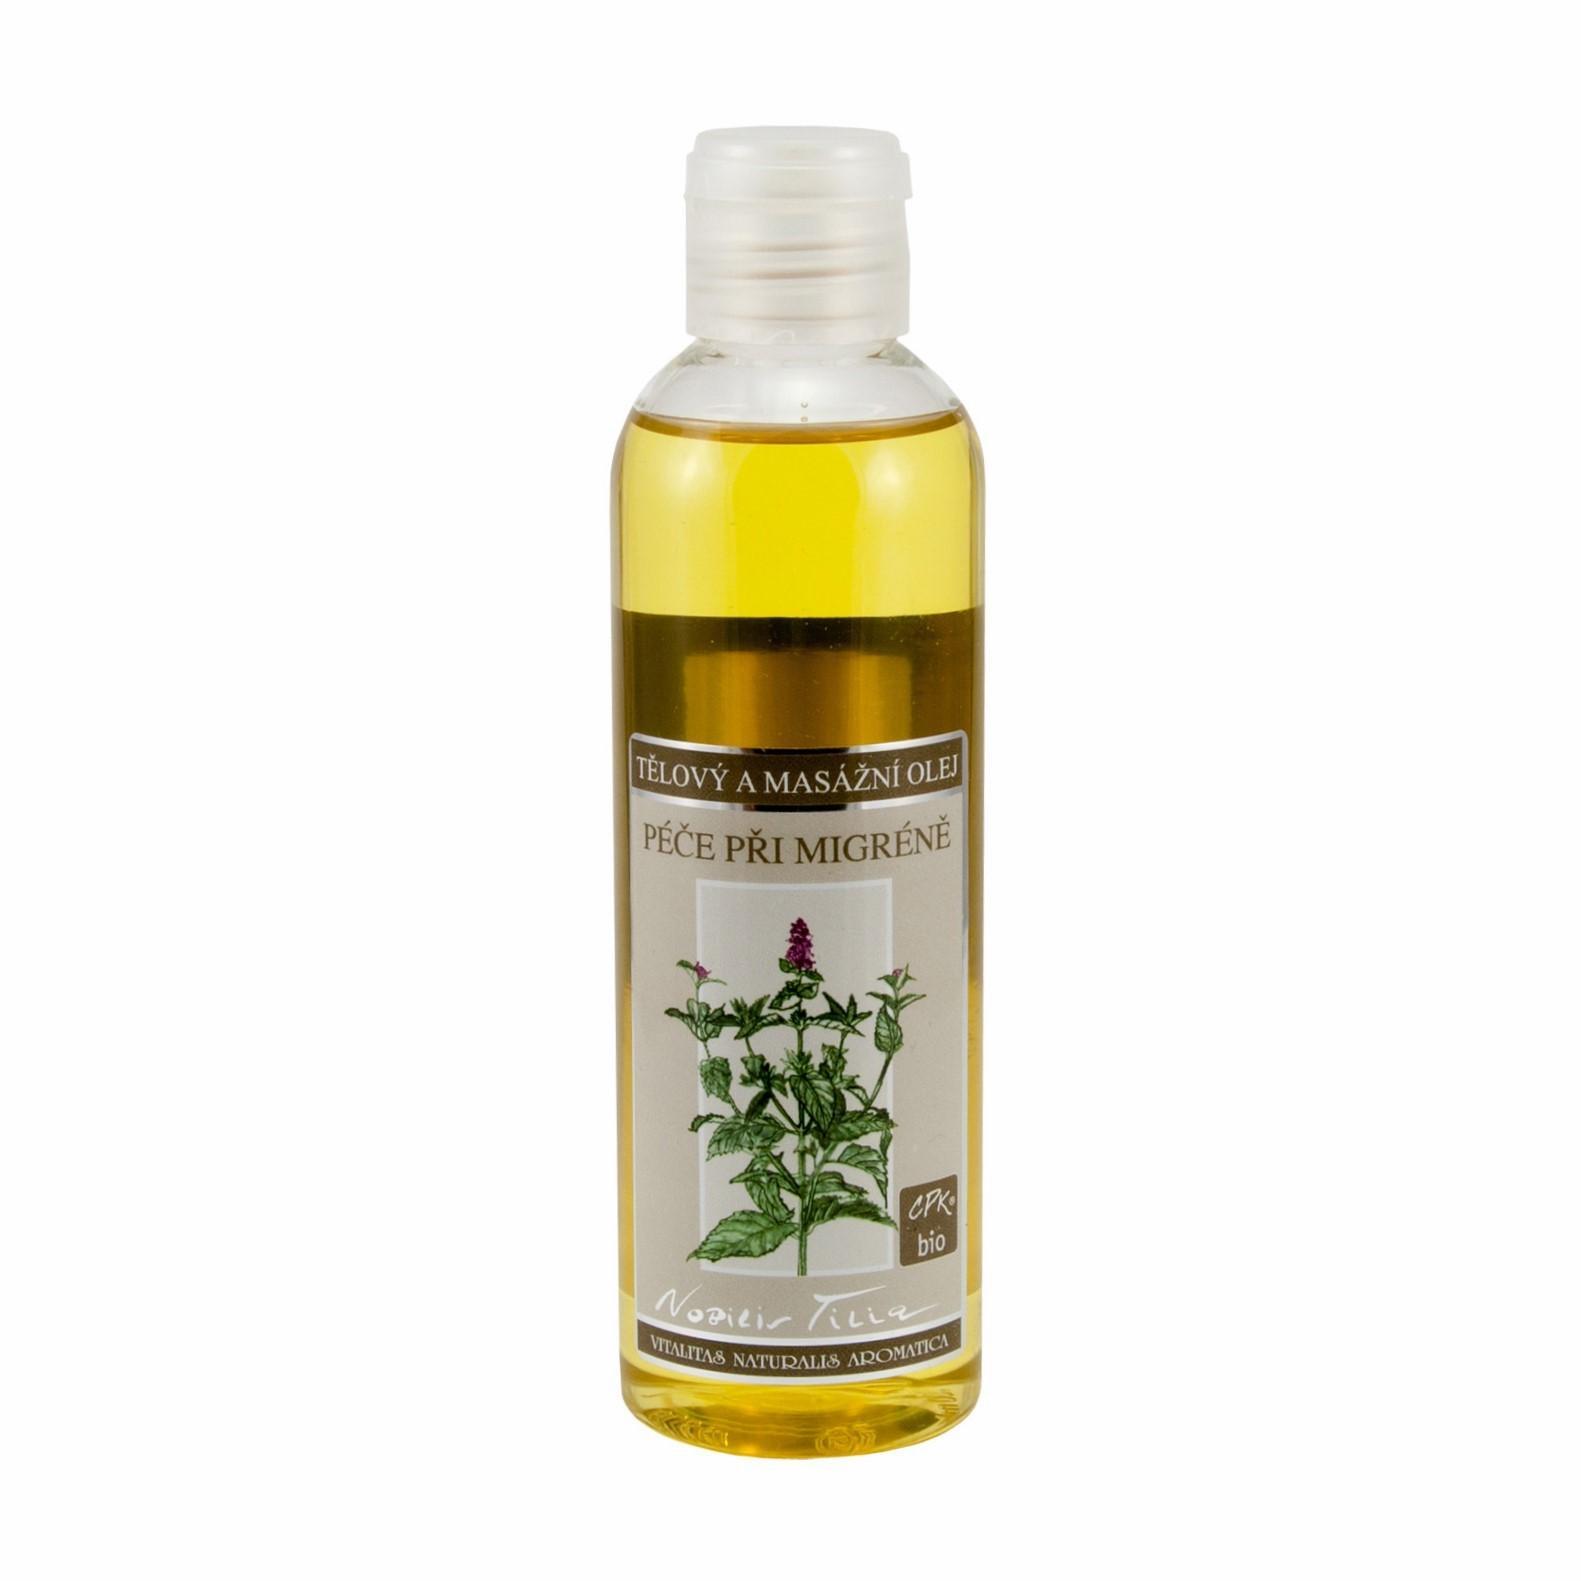 Nobilis Tilia Tělový a masážní olej Péče při migréně 200 ml